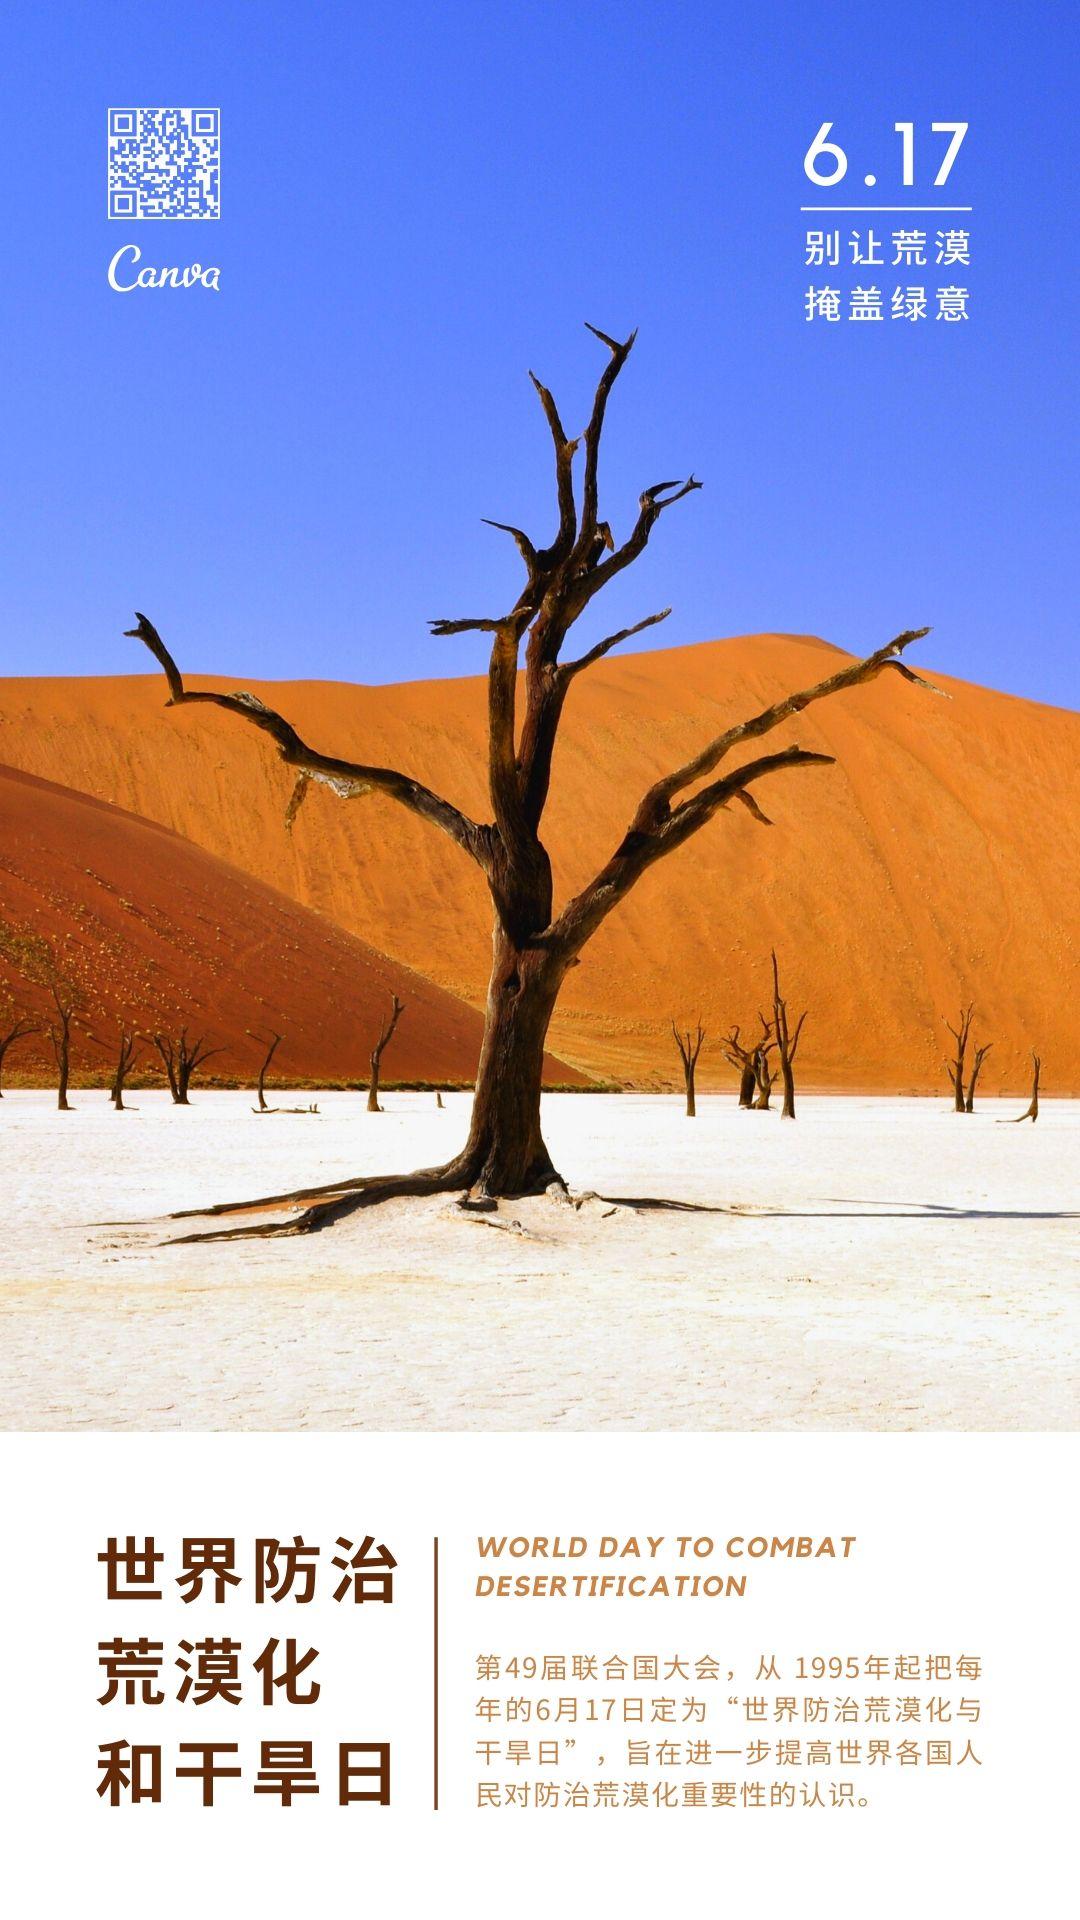 世界防止荒漠化和干旱日手机海报